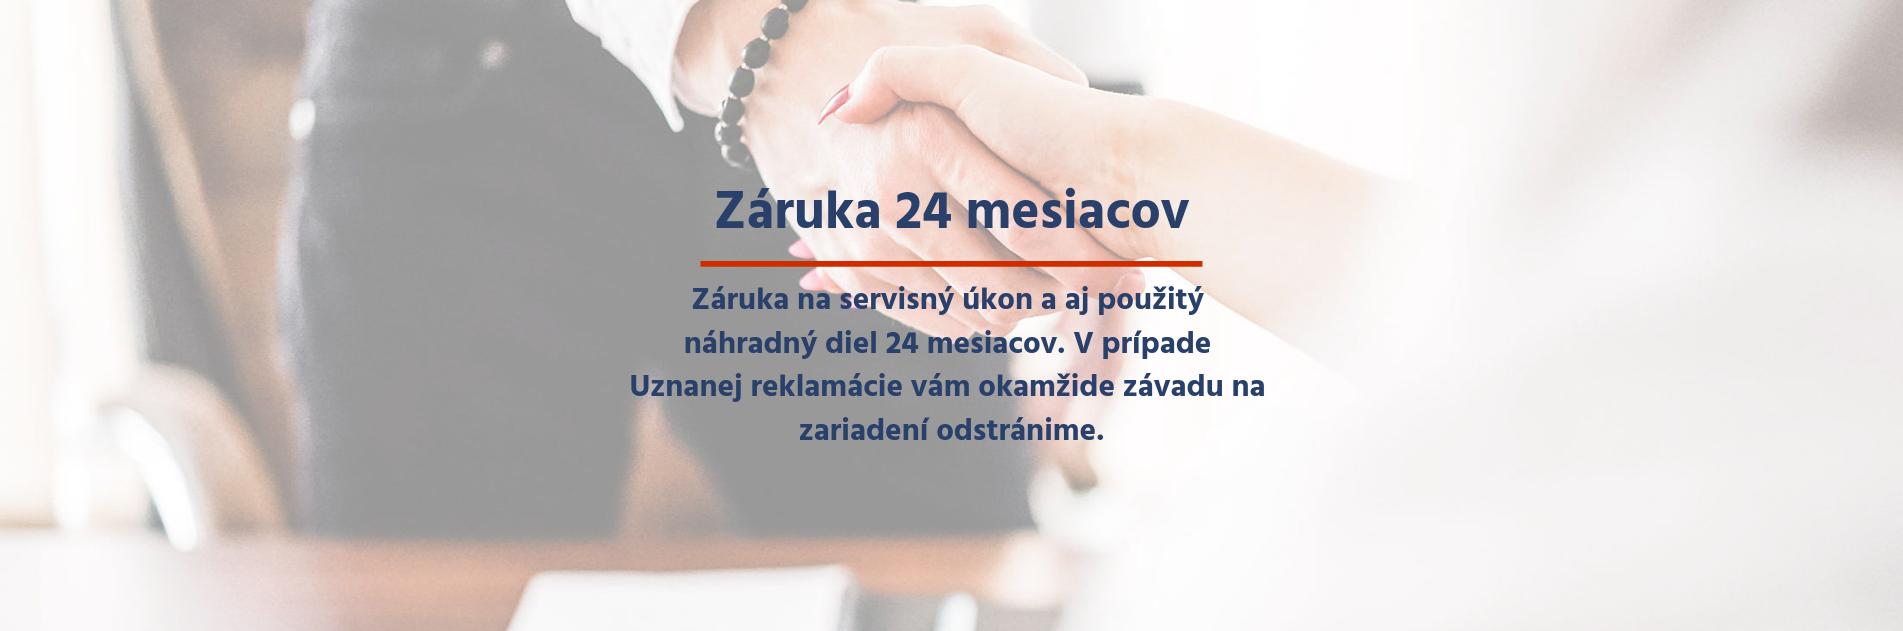 iDoctor | Záruka 24 mesiacov na diel aj opravu